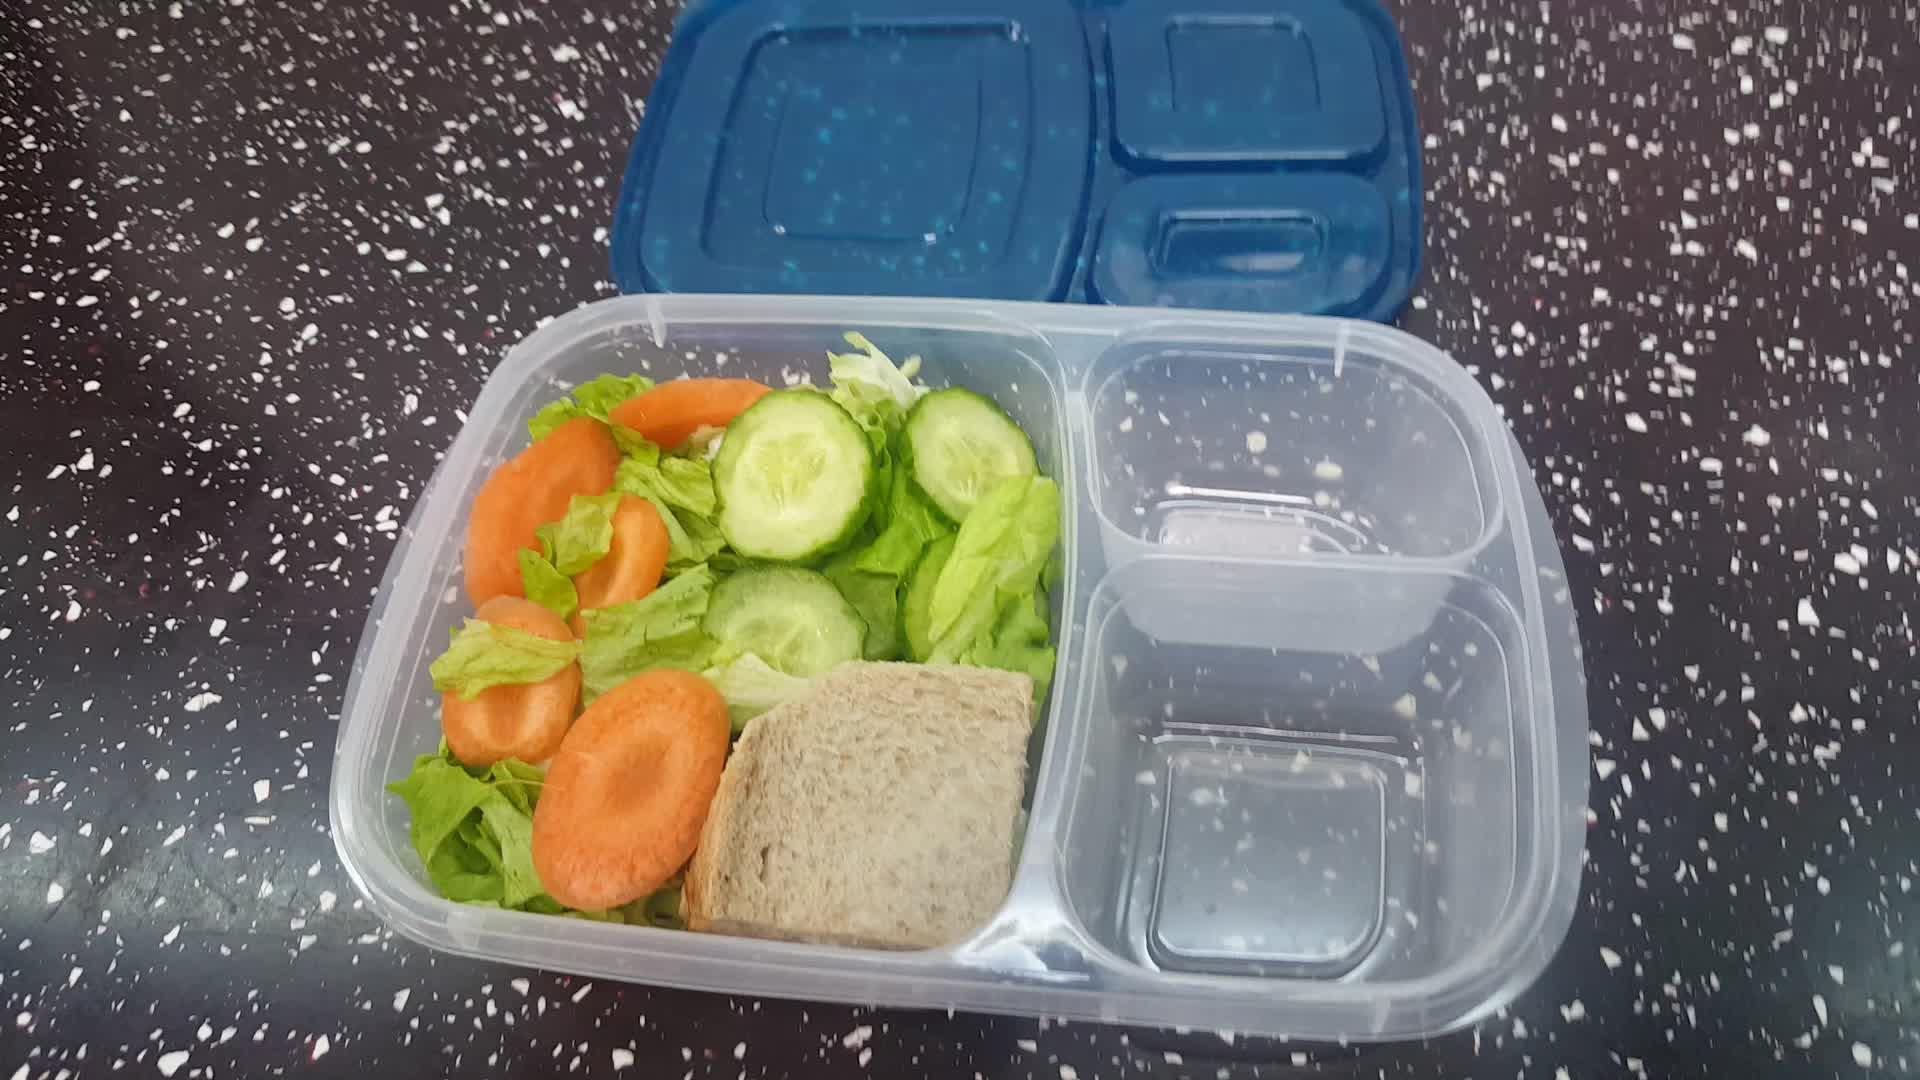 BPA libre reutilizable alimentos grado plástico hermético contenedor de almacenamiento con tapa de bloqueo 3 compartimiento plástico de almacenamiento de alimentos